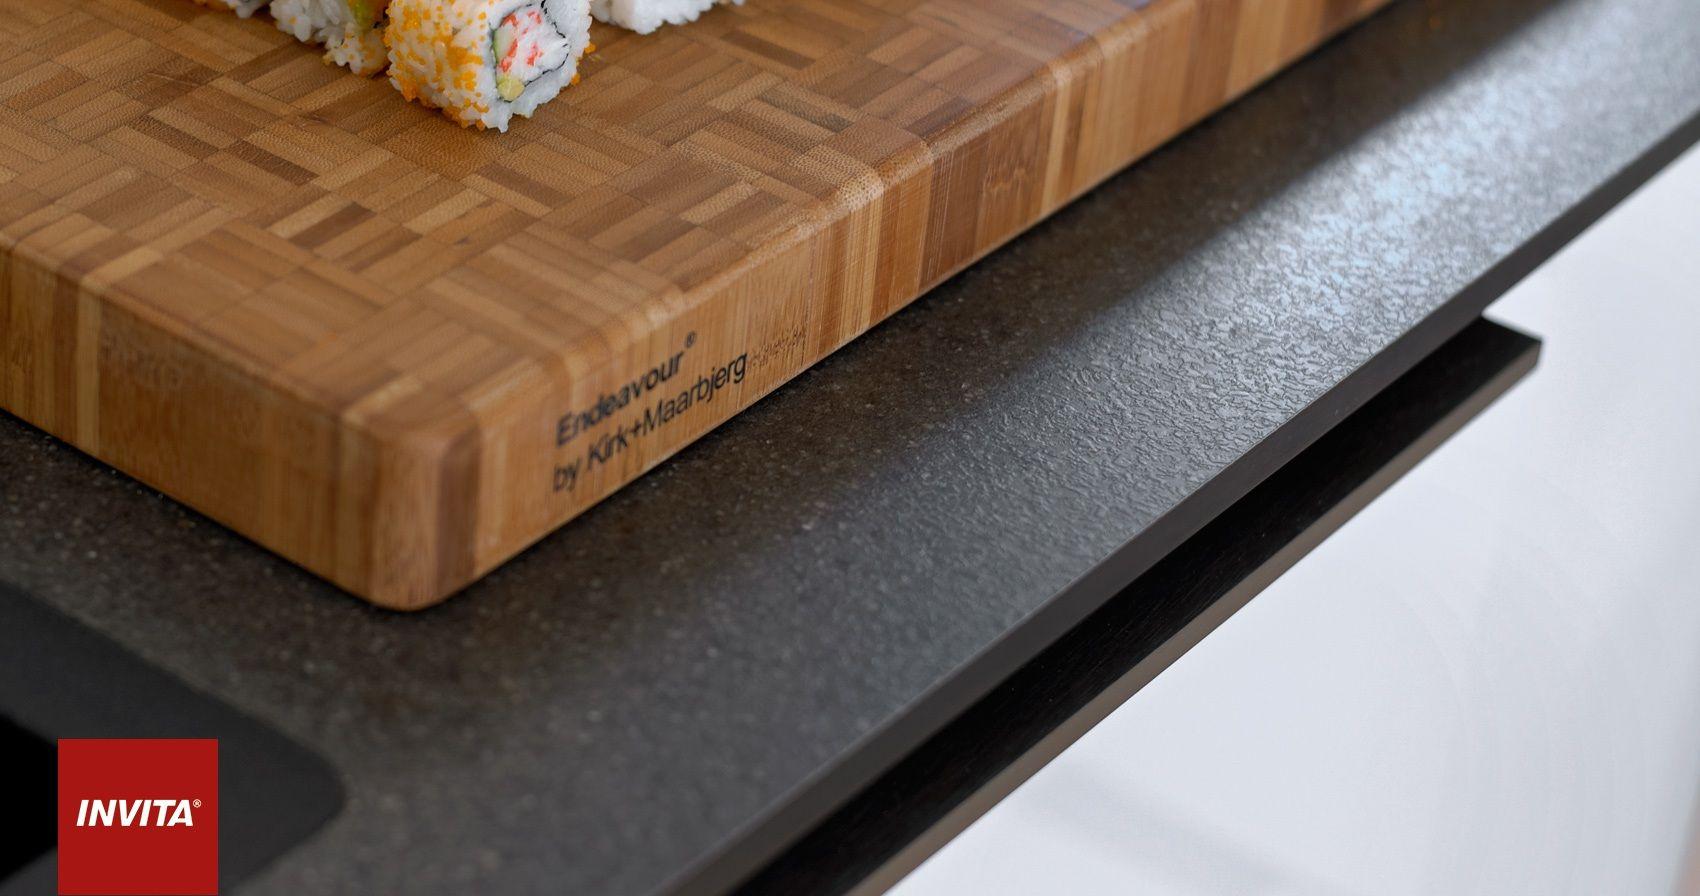 1000+ images about Køkken bordplader on Pinterest